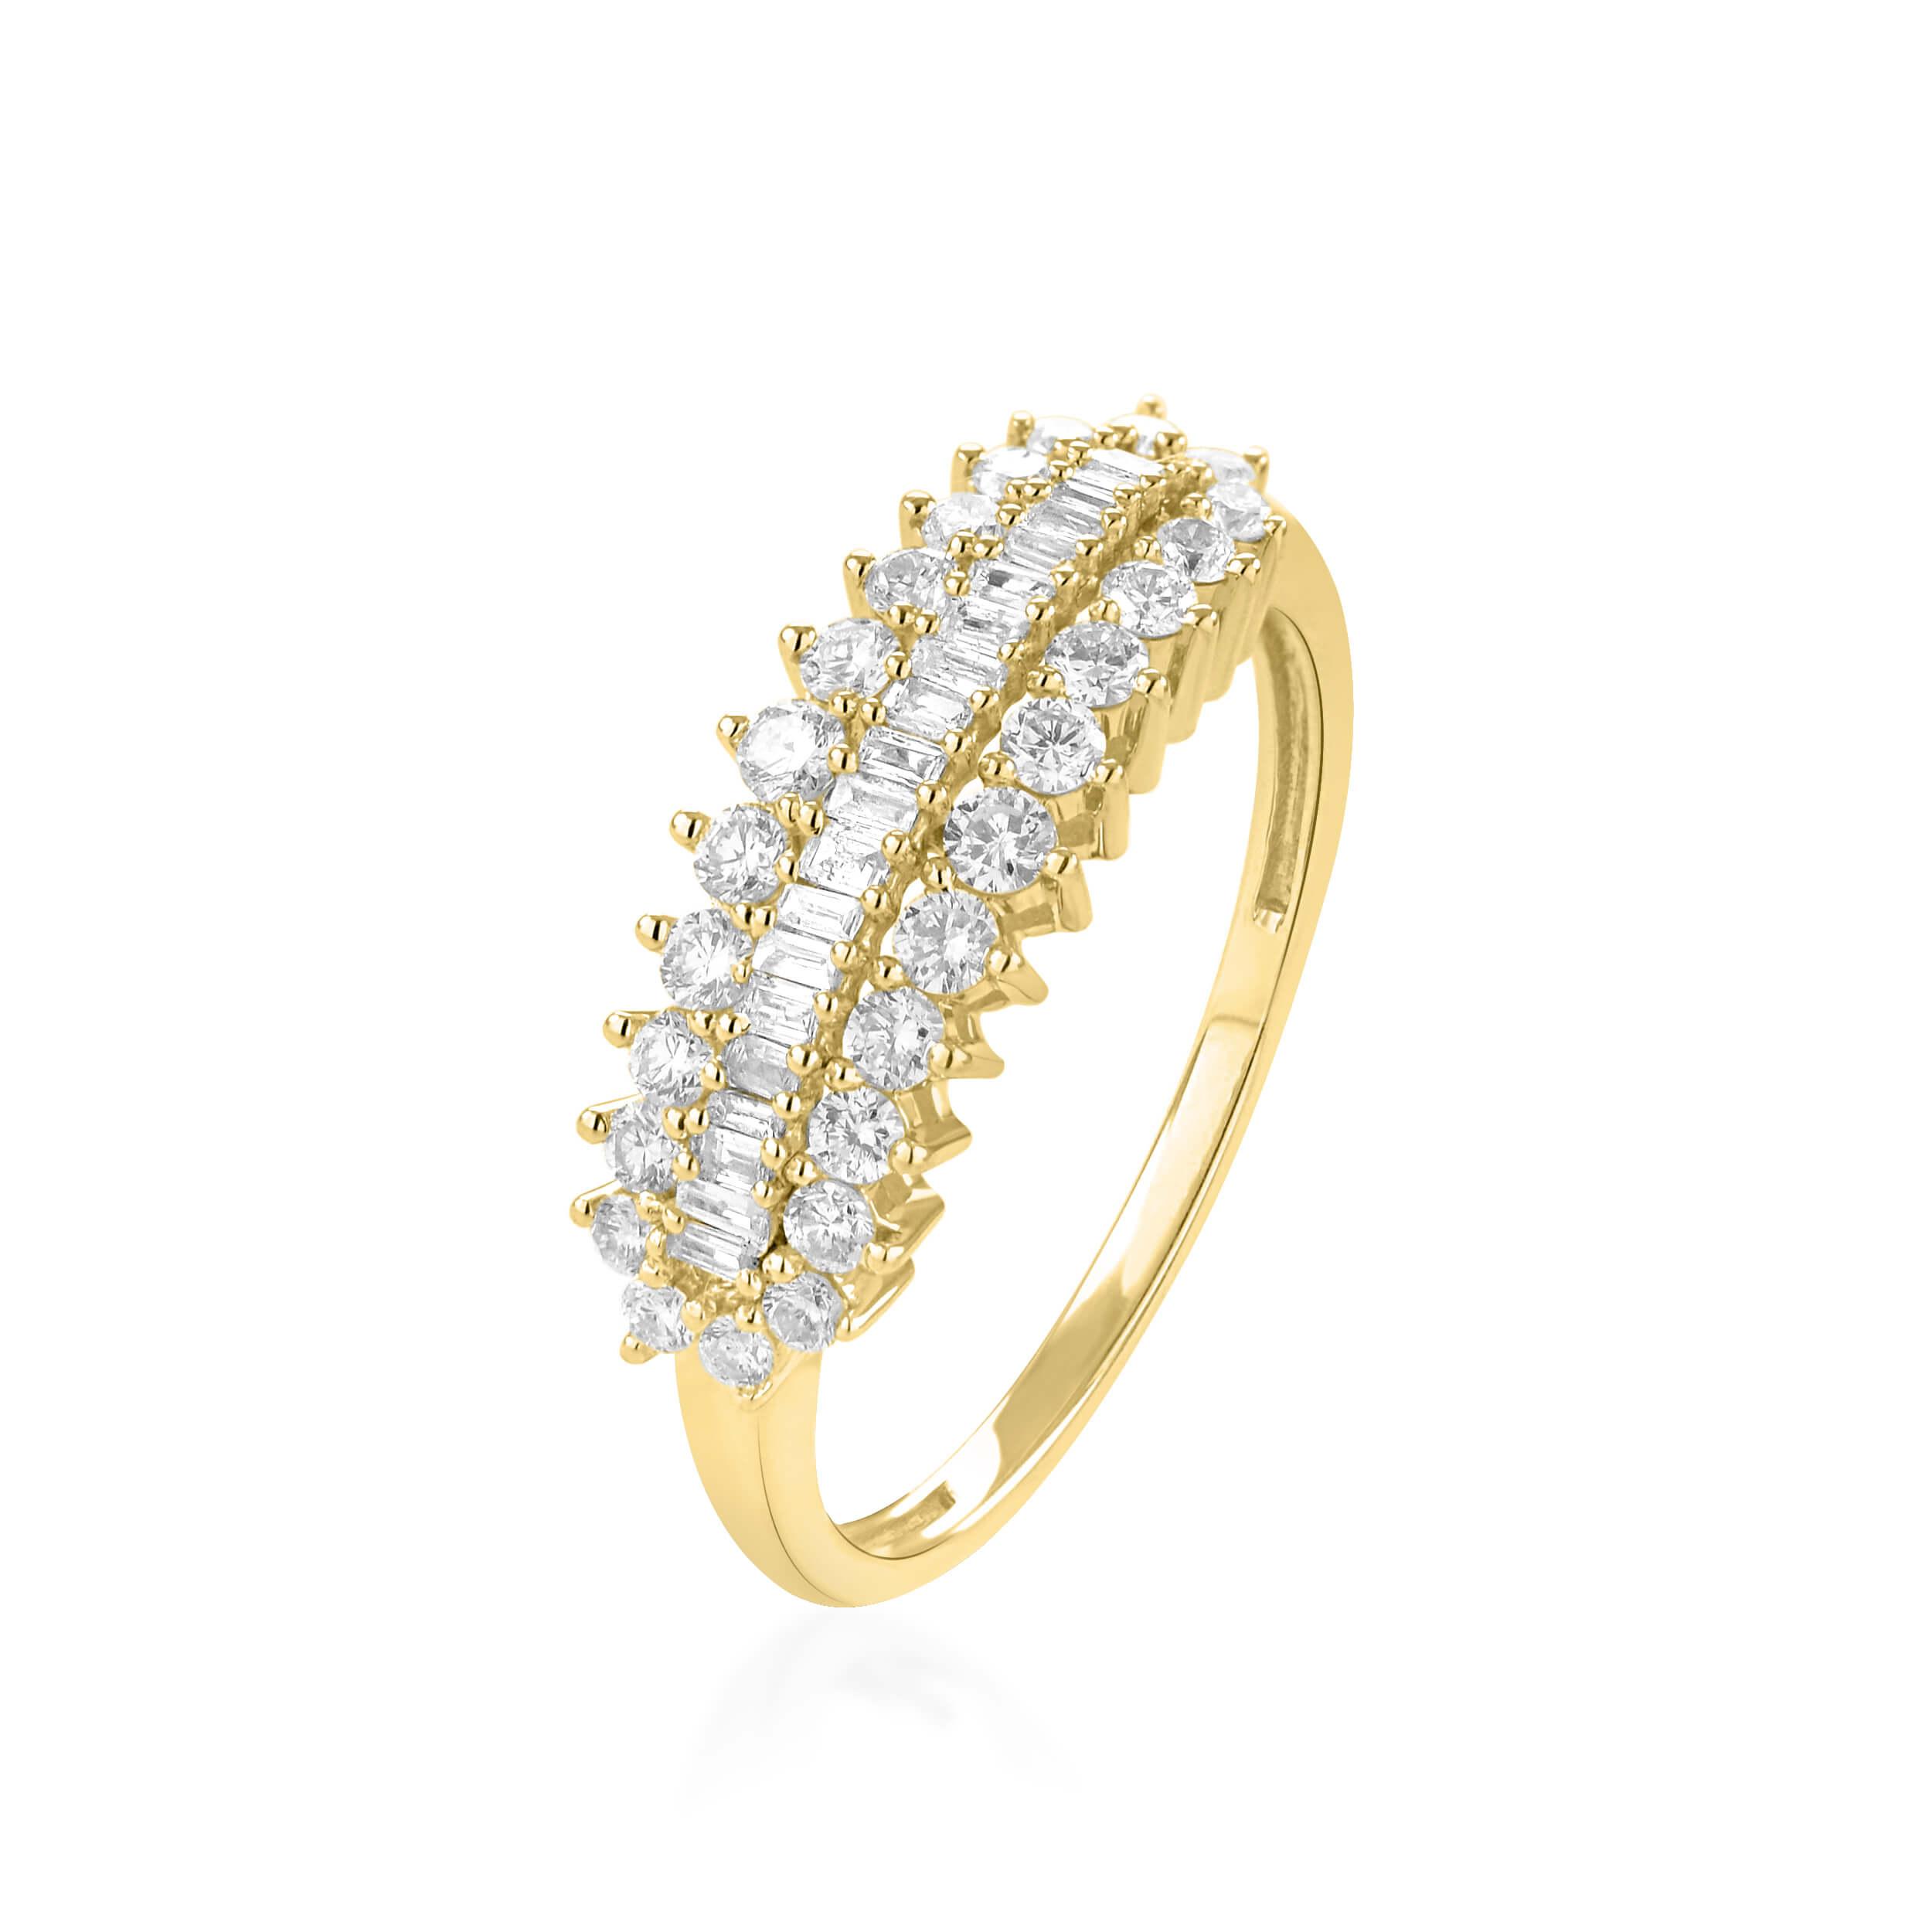 למעלה טבעת יהלומים זהב צהוב 14 קראט - טבעות יהלומים WQ-37